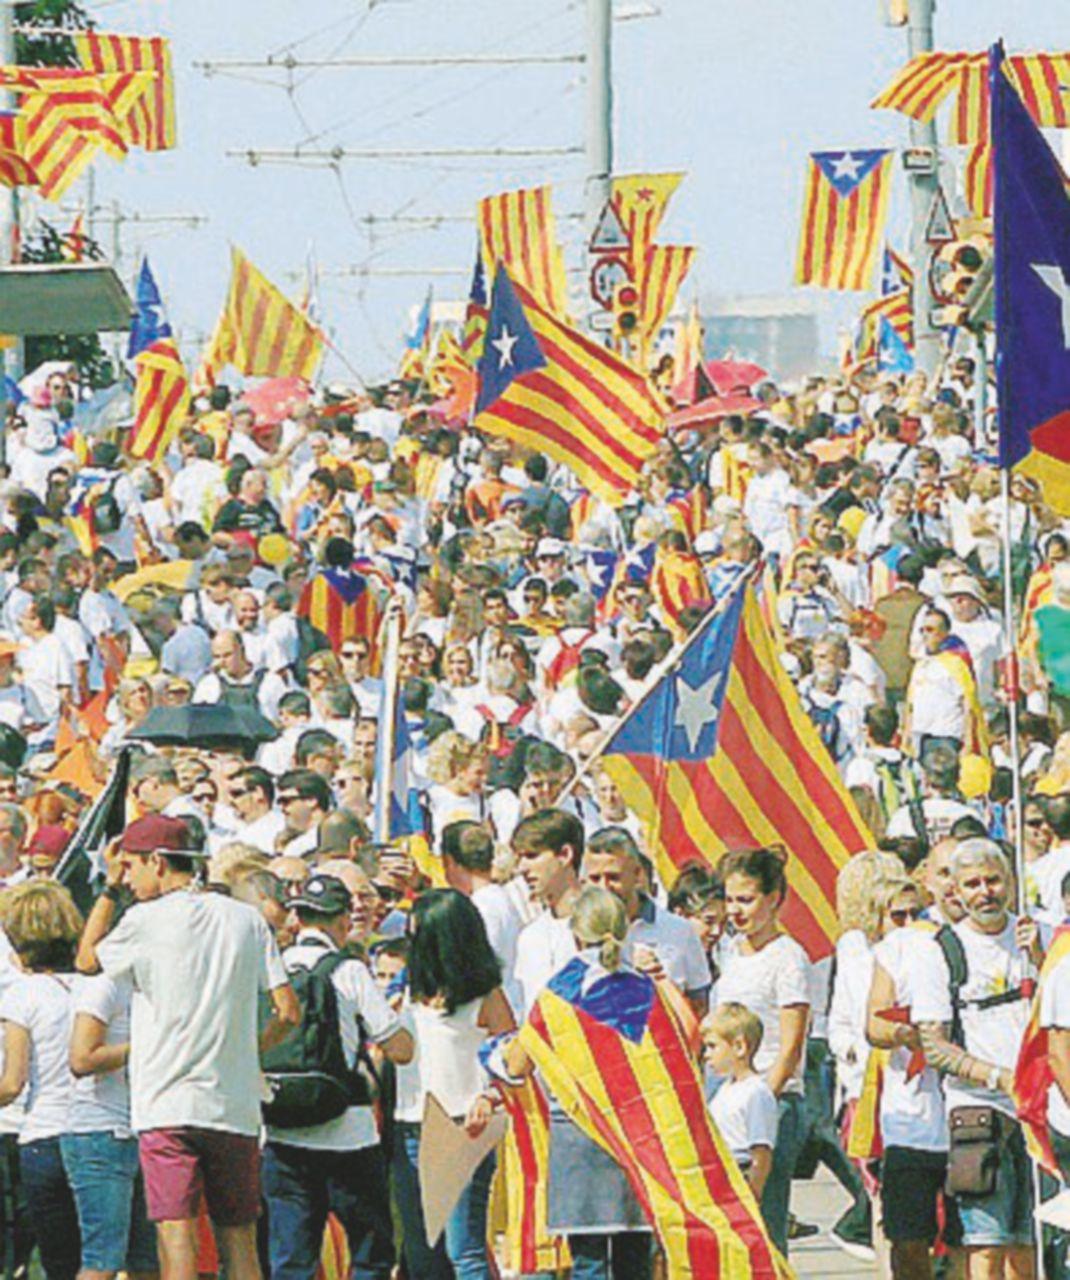 Senza governo a Madrid. A Barcellona sfila l'orgoglio indipendentista